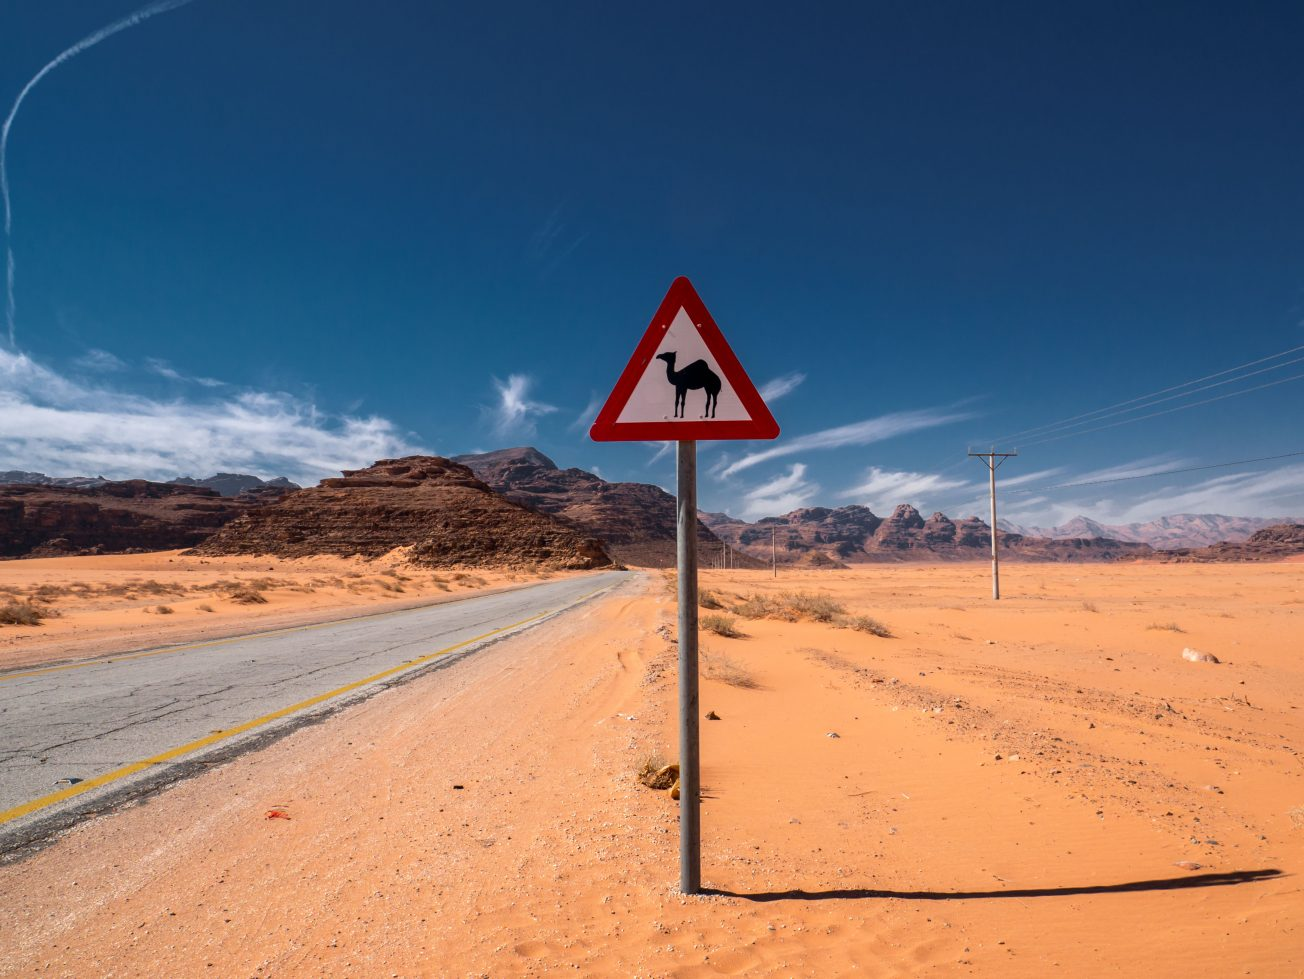 Značka v púšti